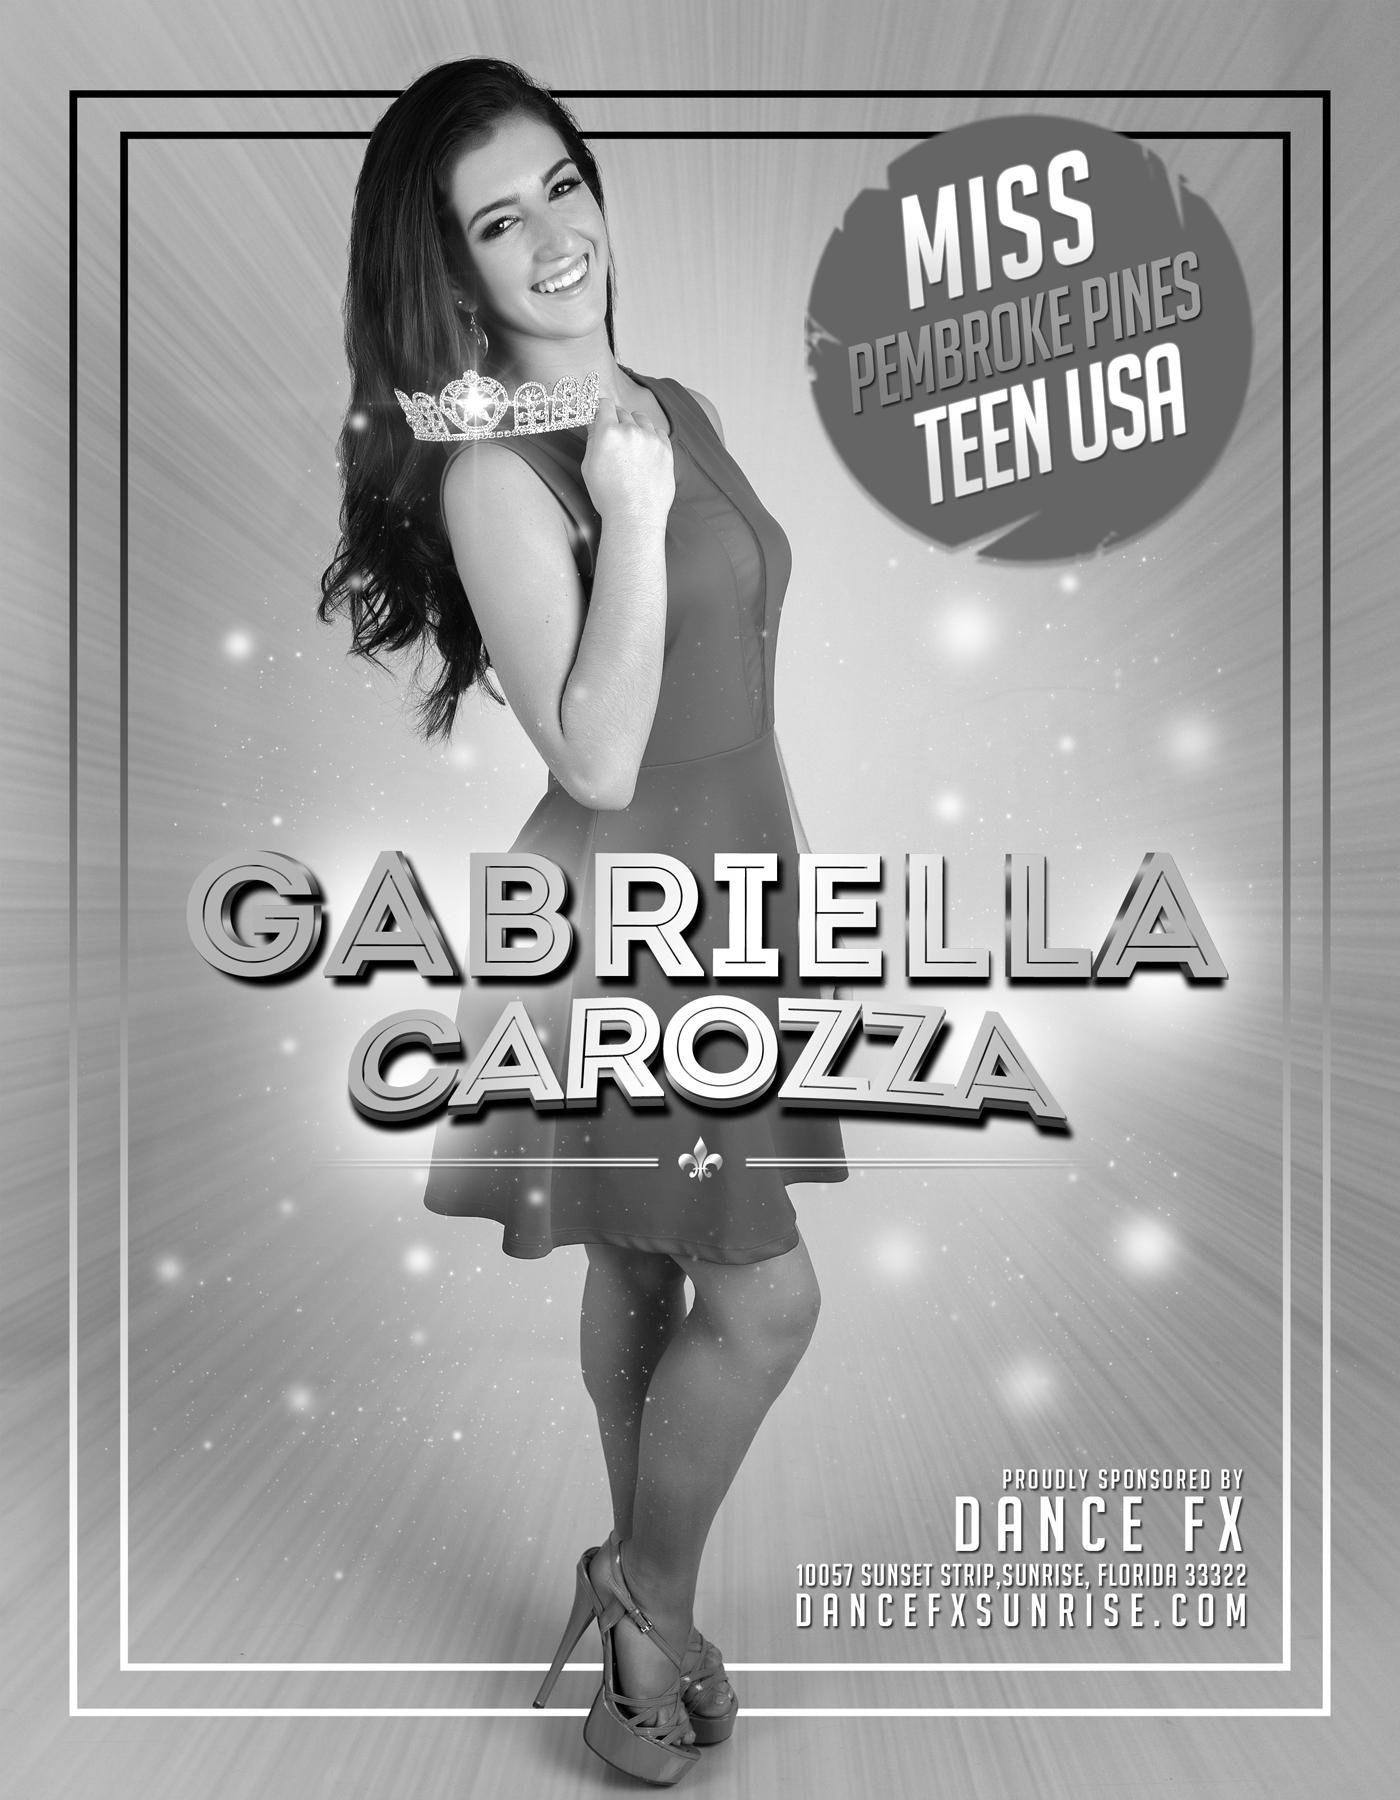 GABRIELLA CAROZZA